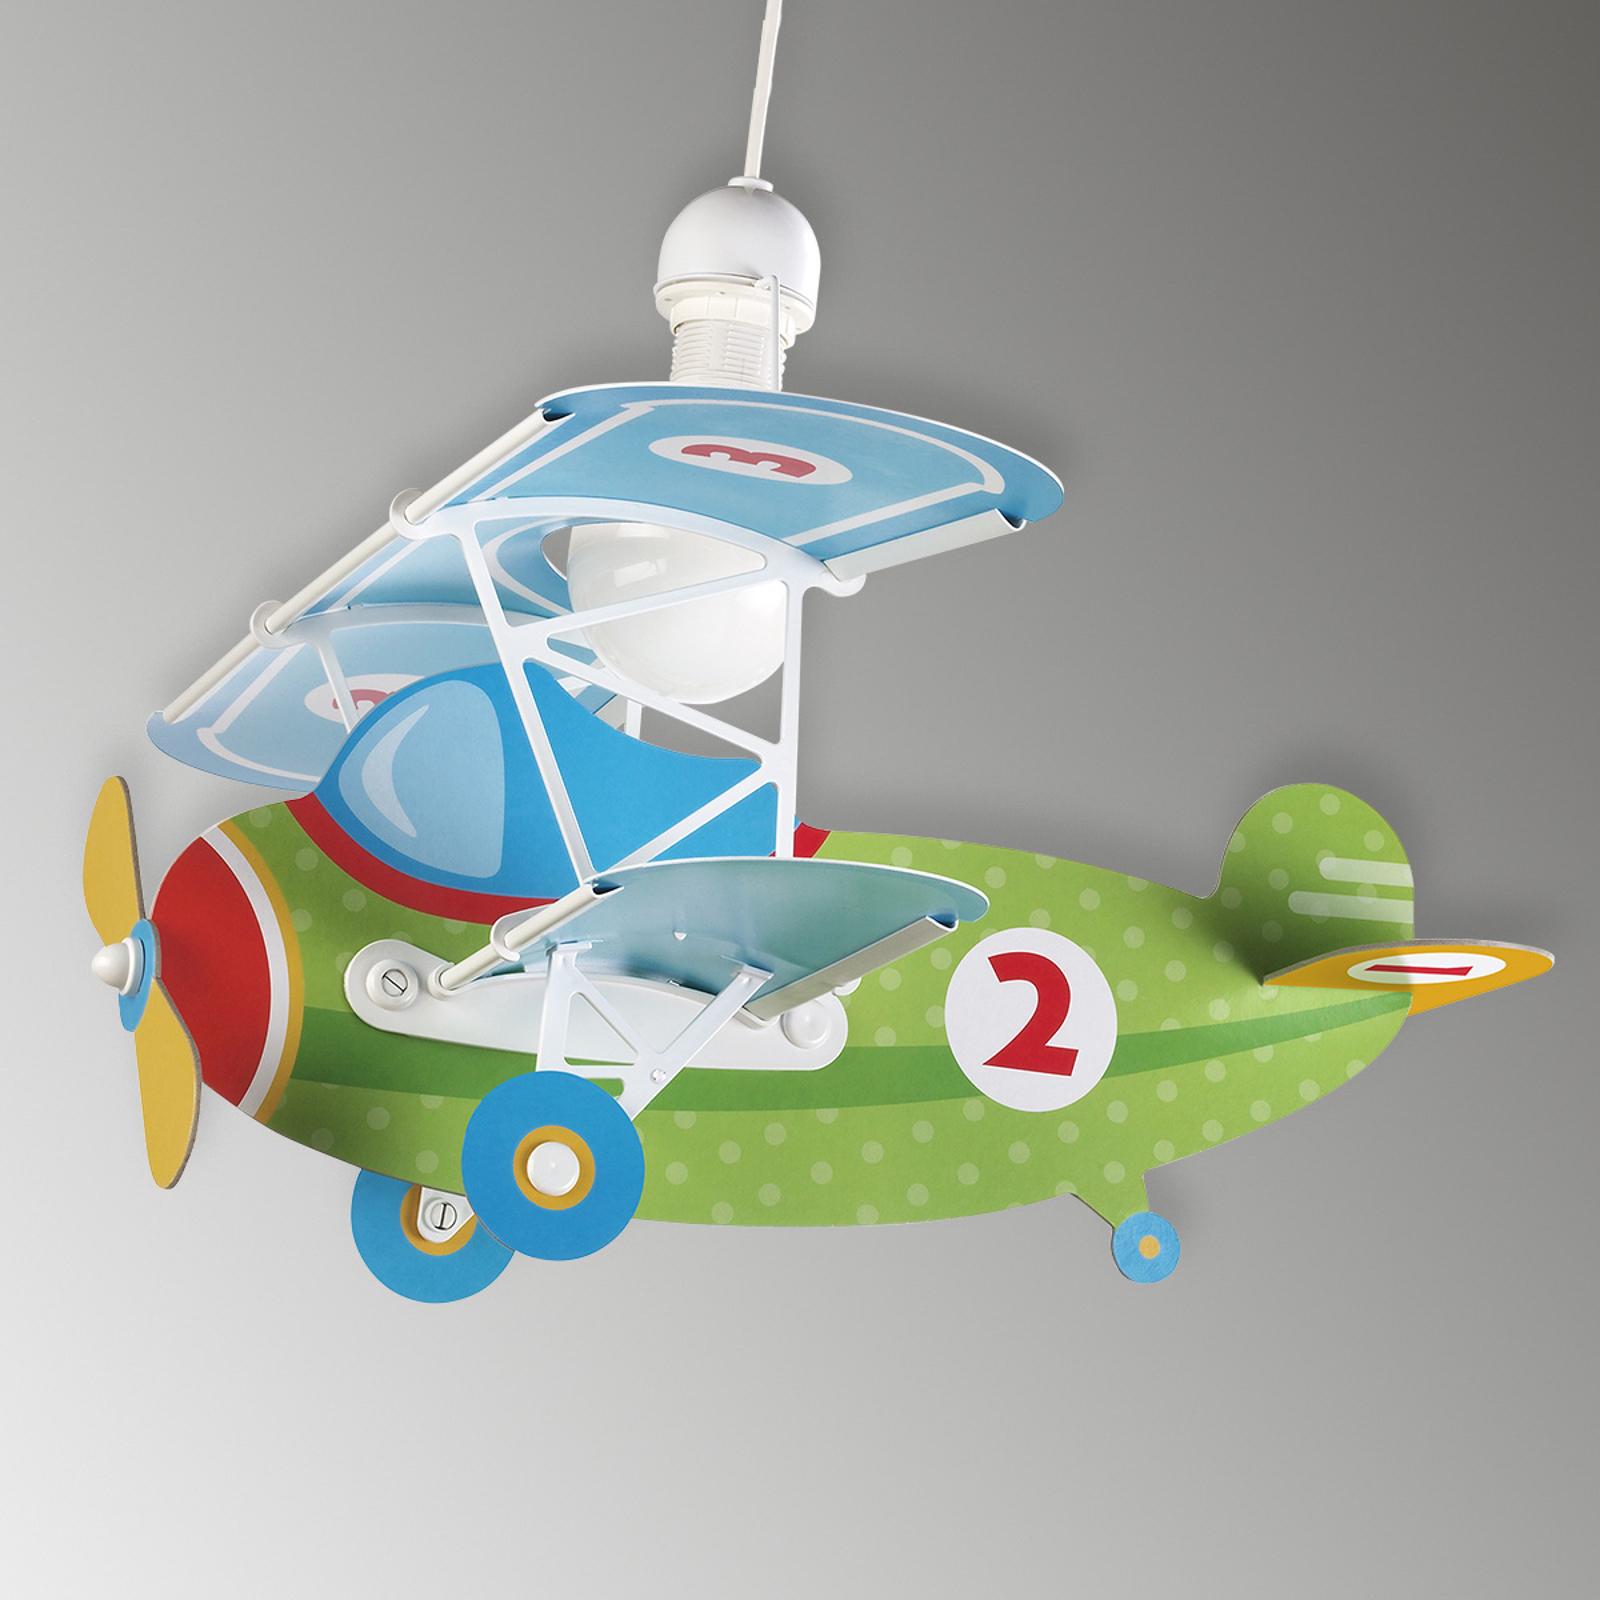 Aeroplane hanging light Baby Plane_2507356_1